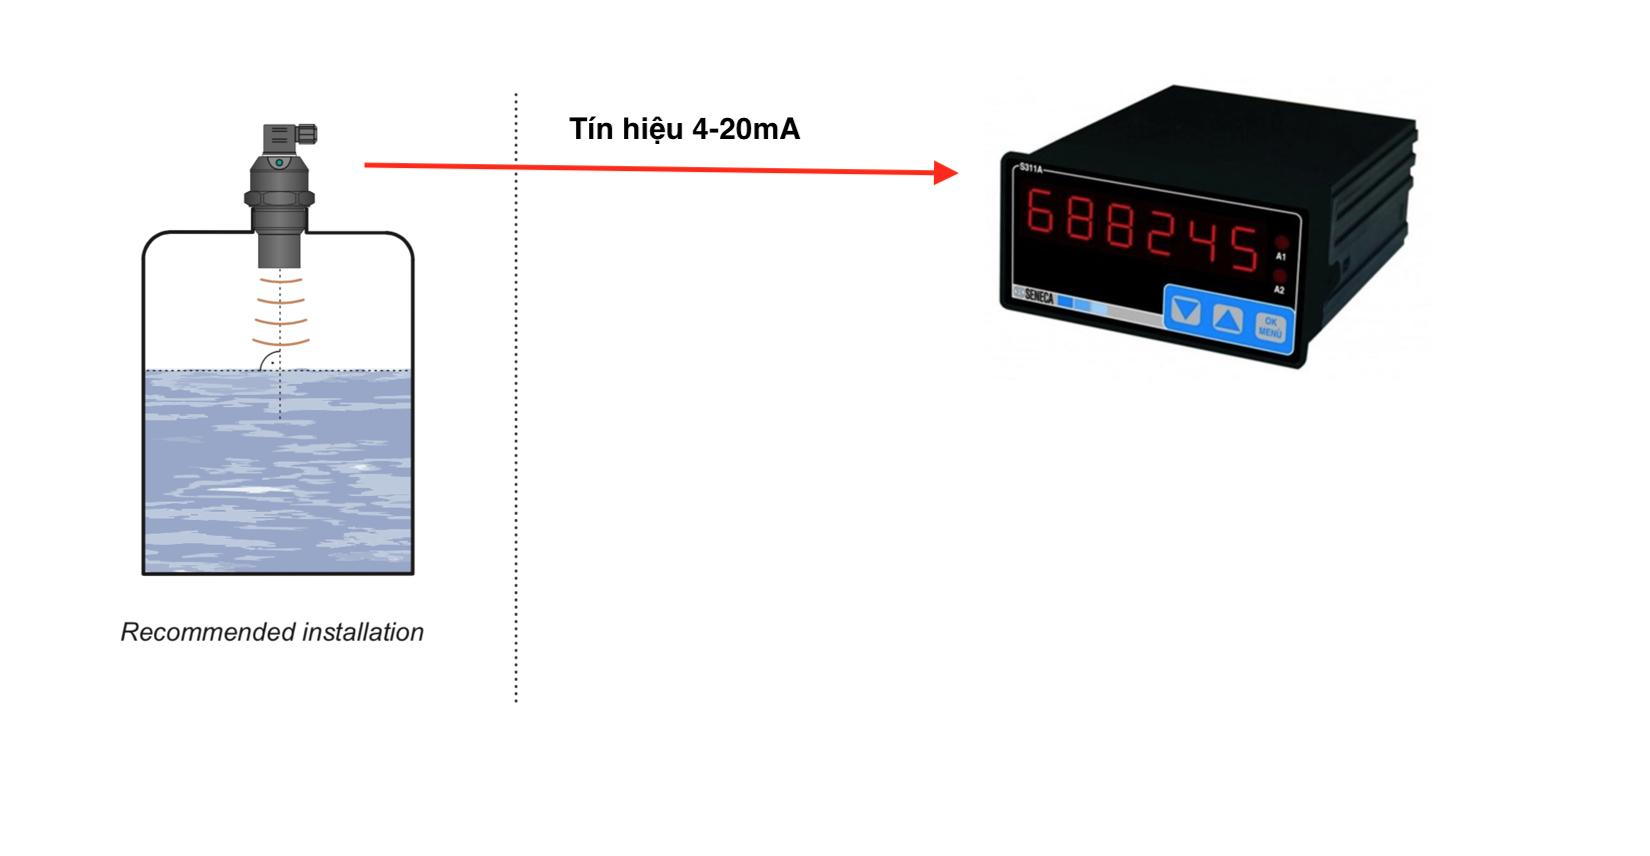 Bộ hiển thị mực nước kết nối với cảm biến siêu âm